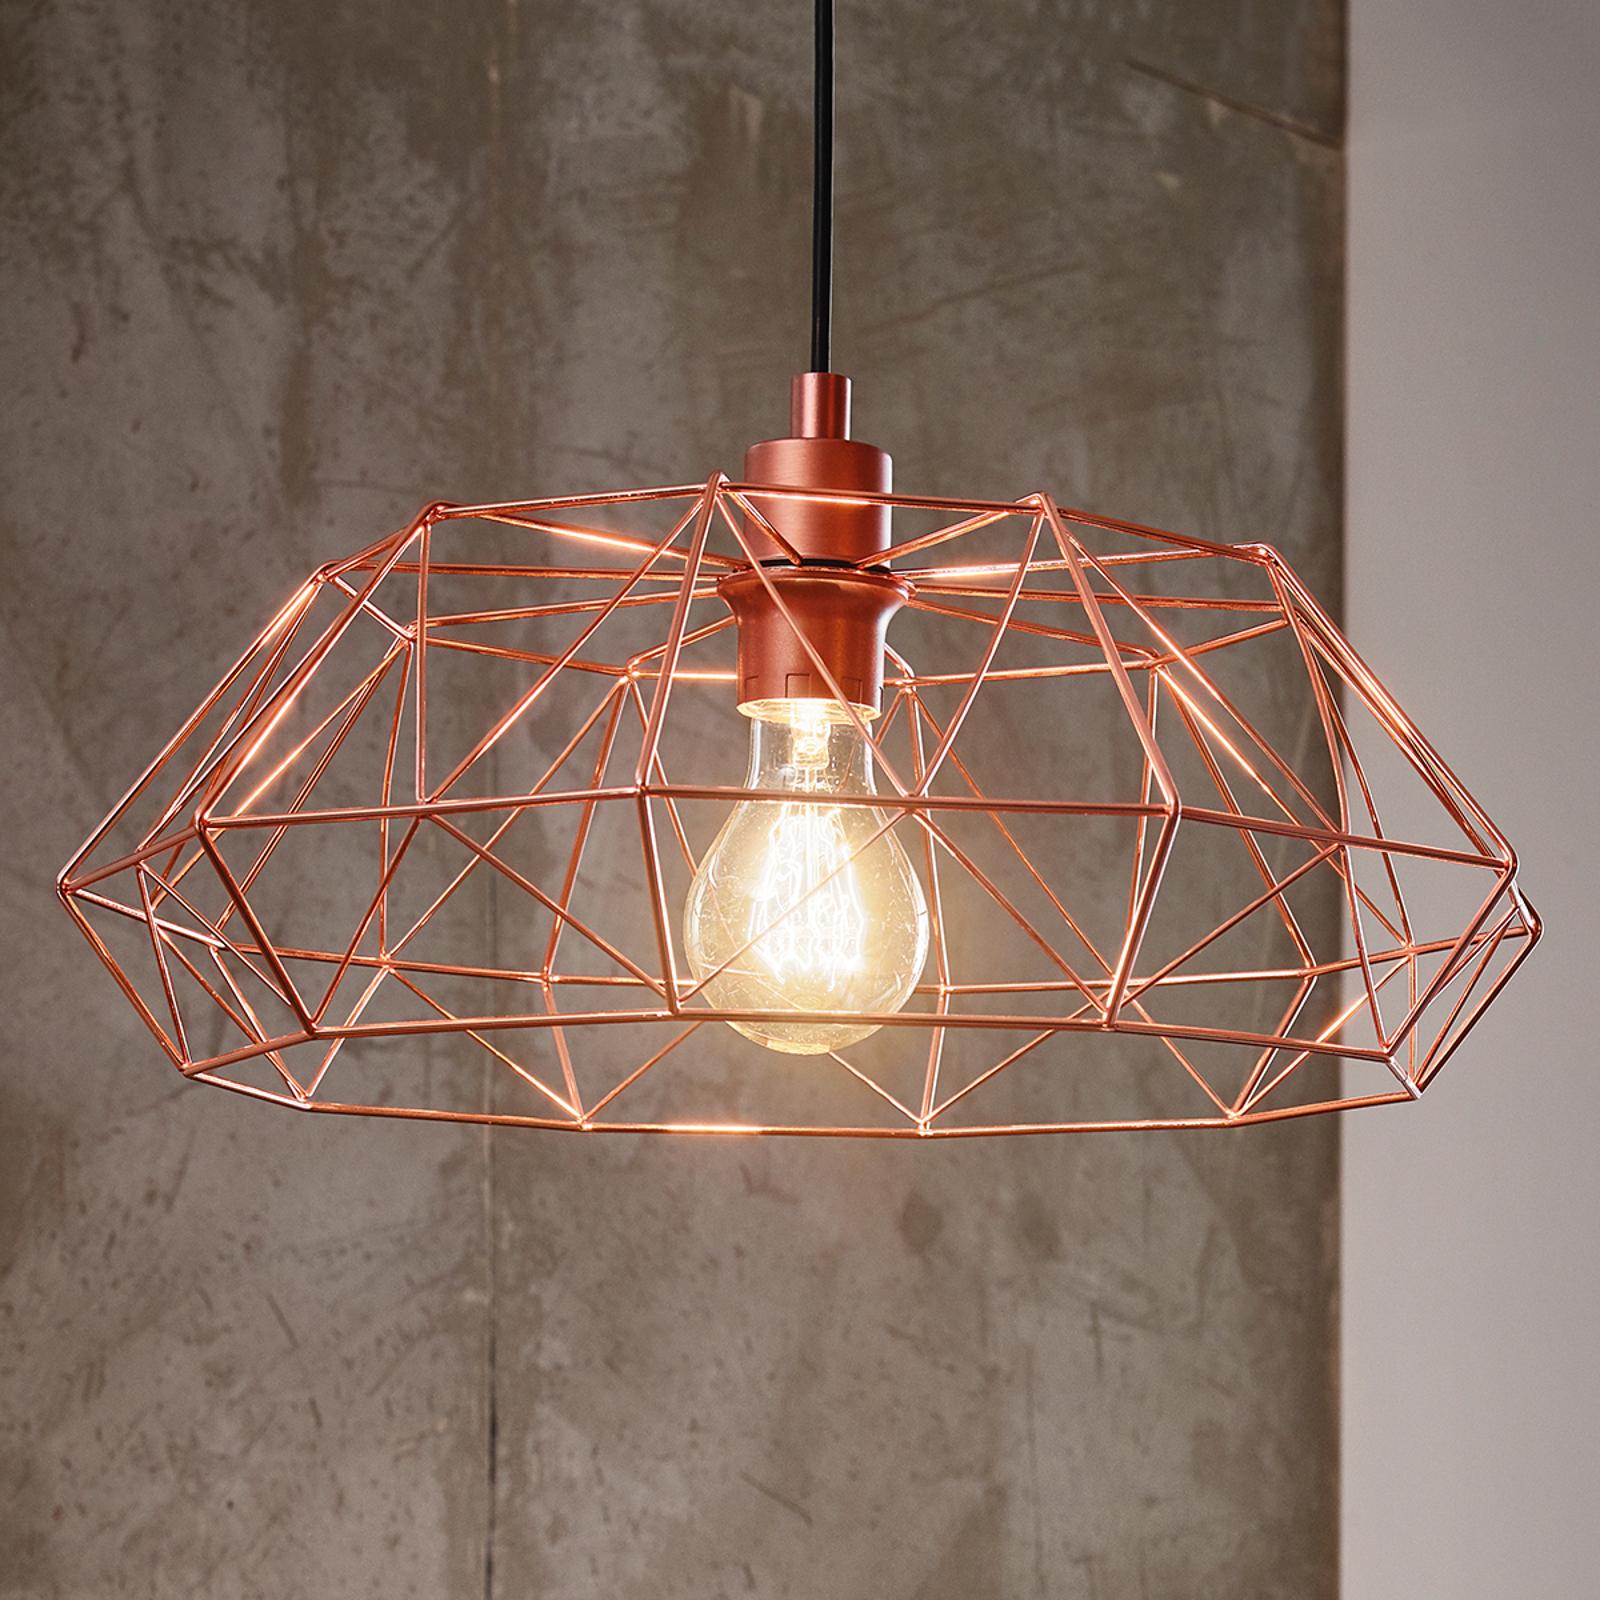 Lampa wisząca Carlton 2, miedziany klosz-klatka